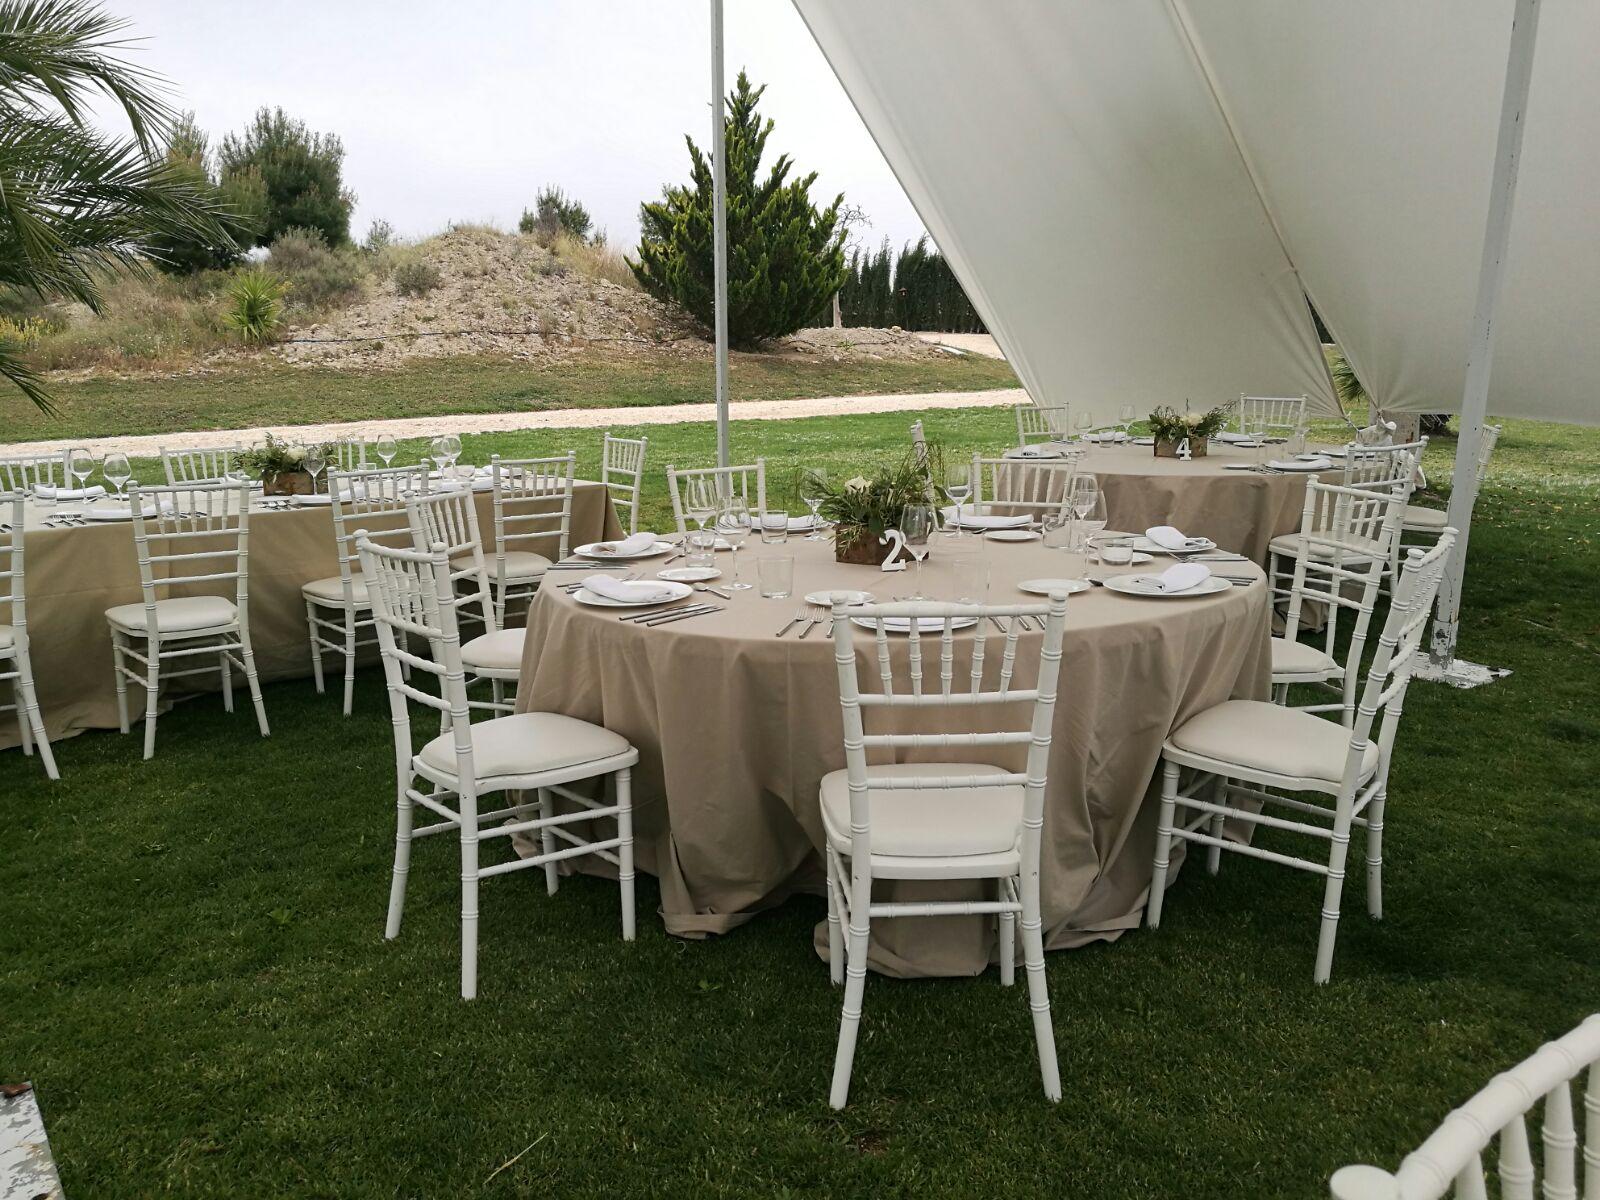 Mesas preparadas para una boda en Yeguada Lagloria